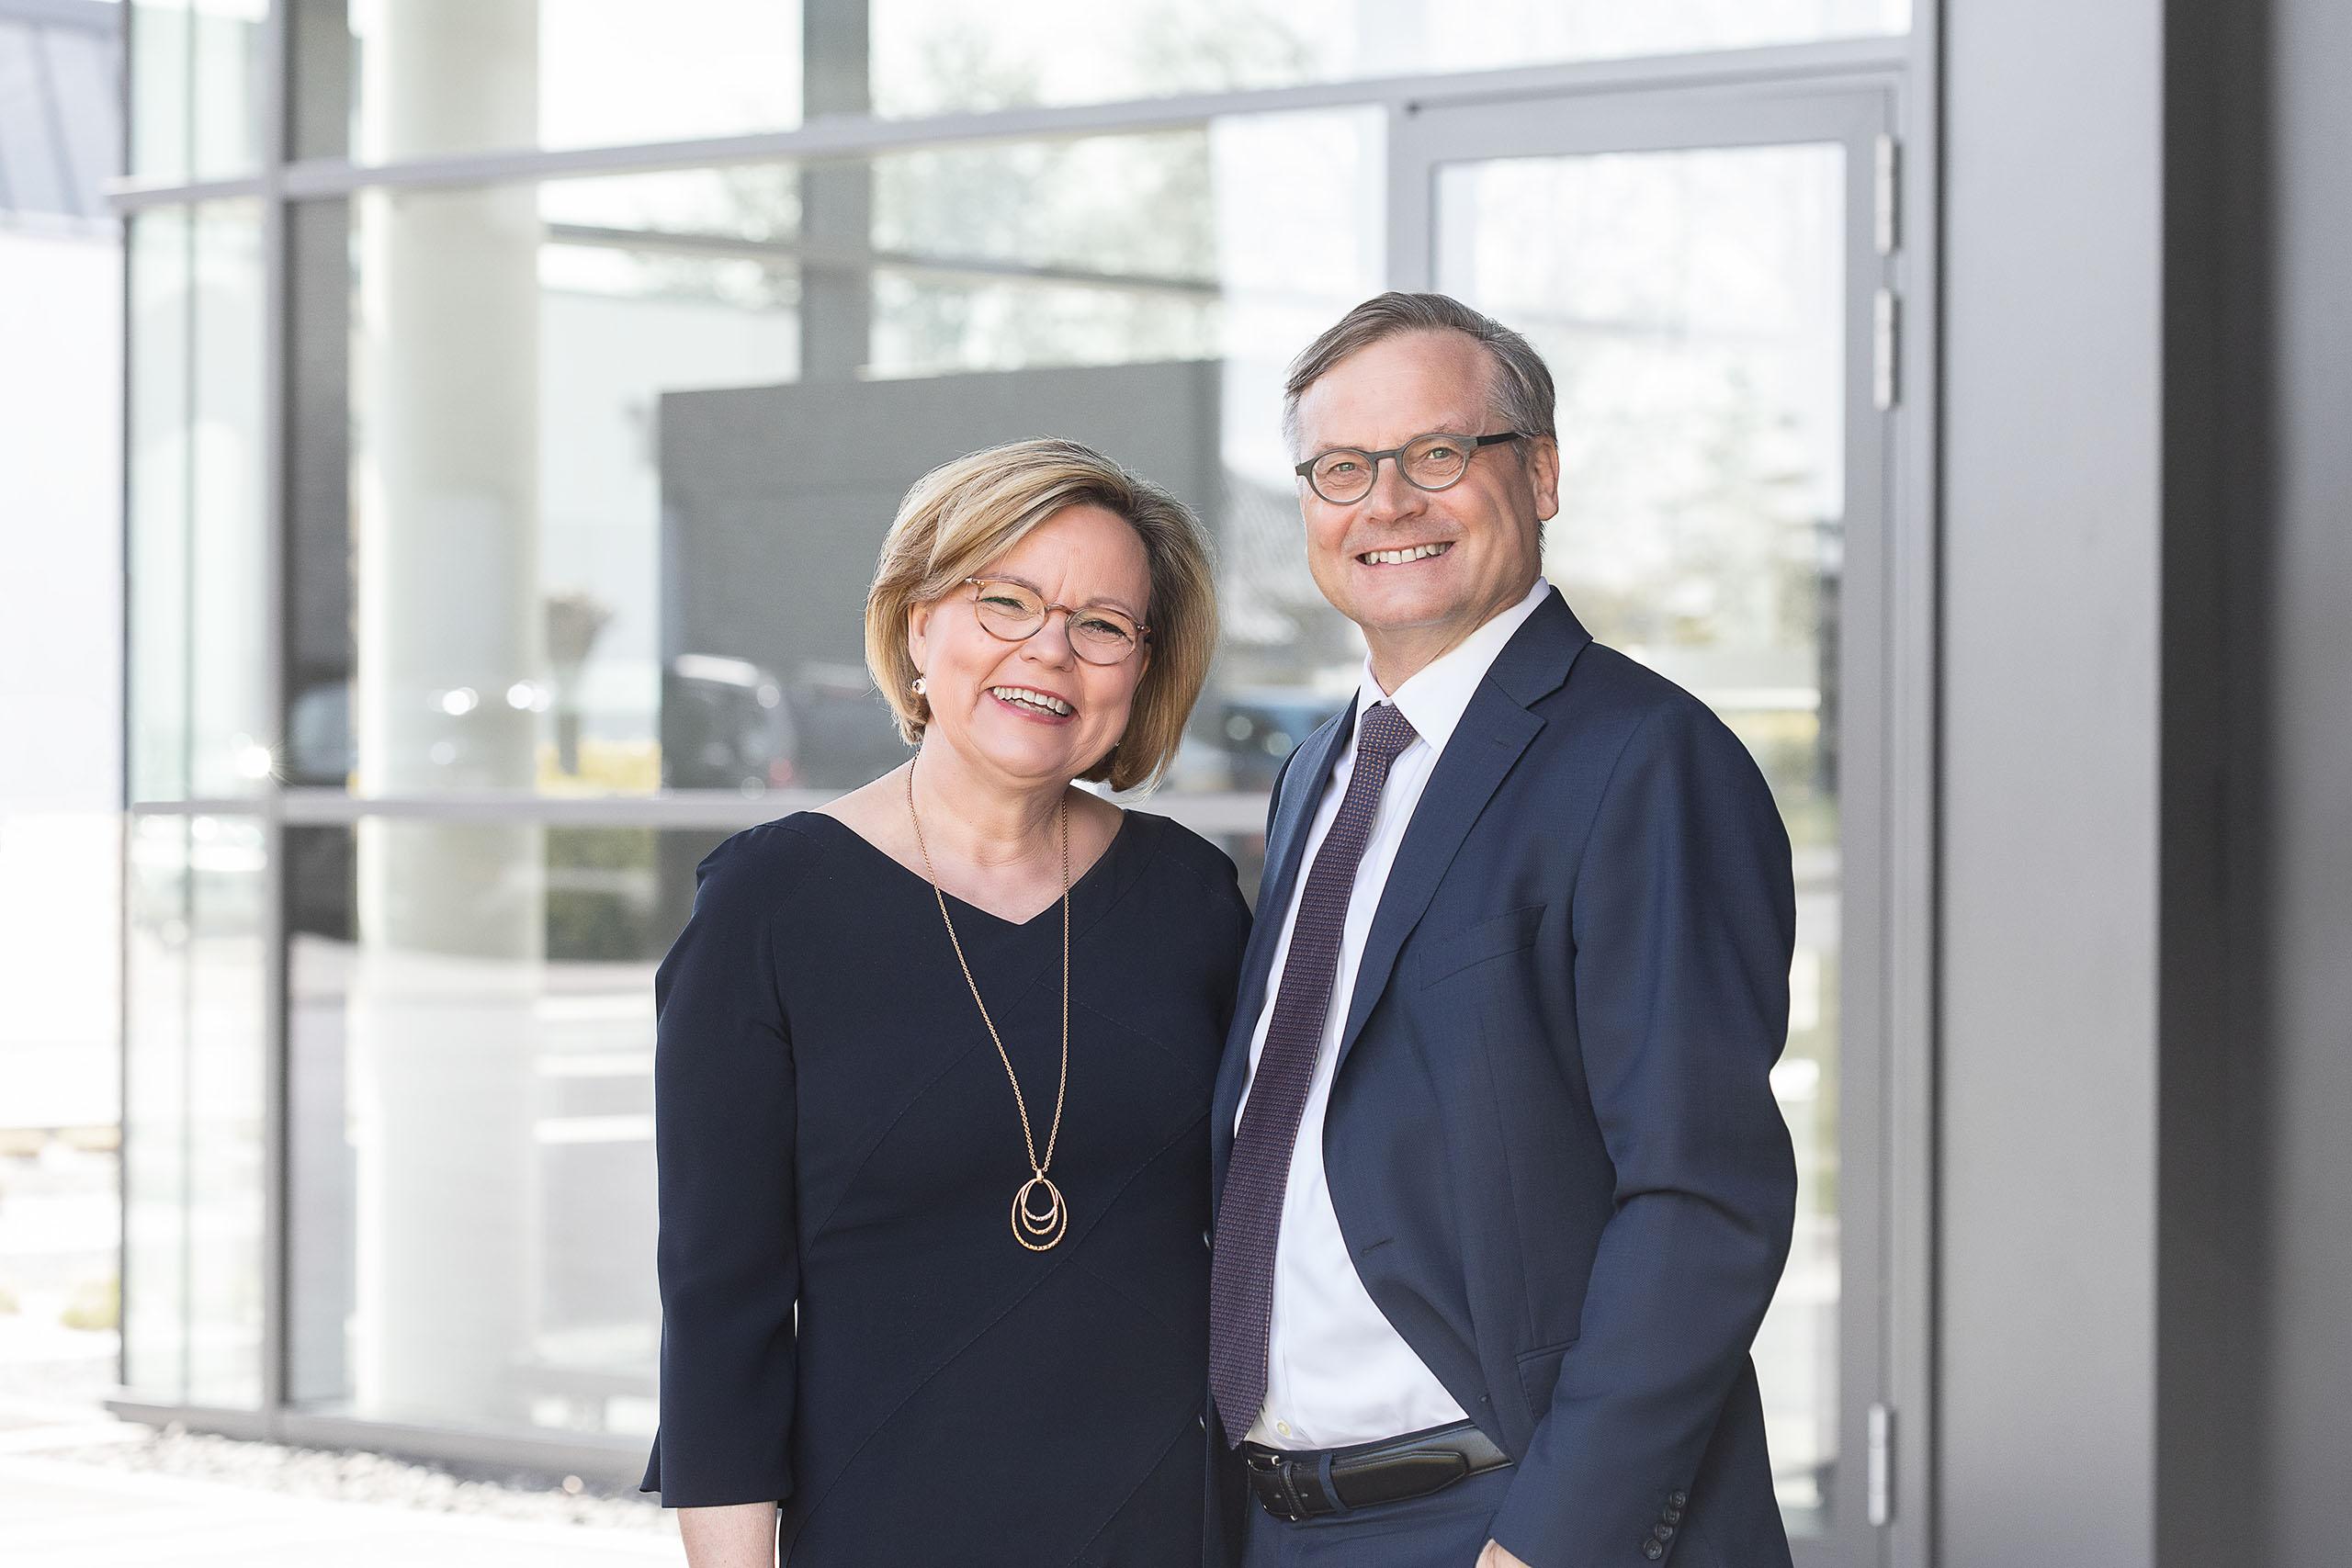 Geschäftsführende Gesellschafter: Ines Oberberg-Schnittke und Dr. Jürgen Schnittke